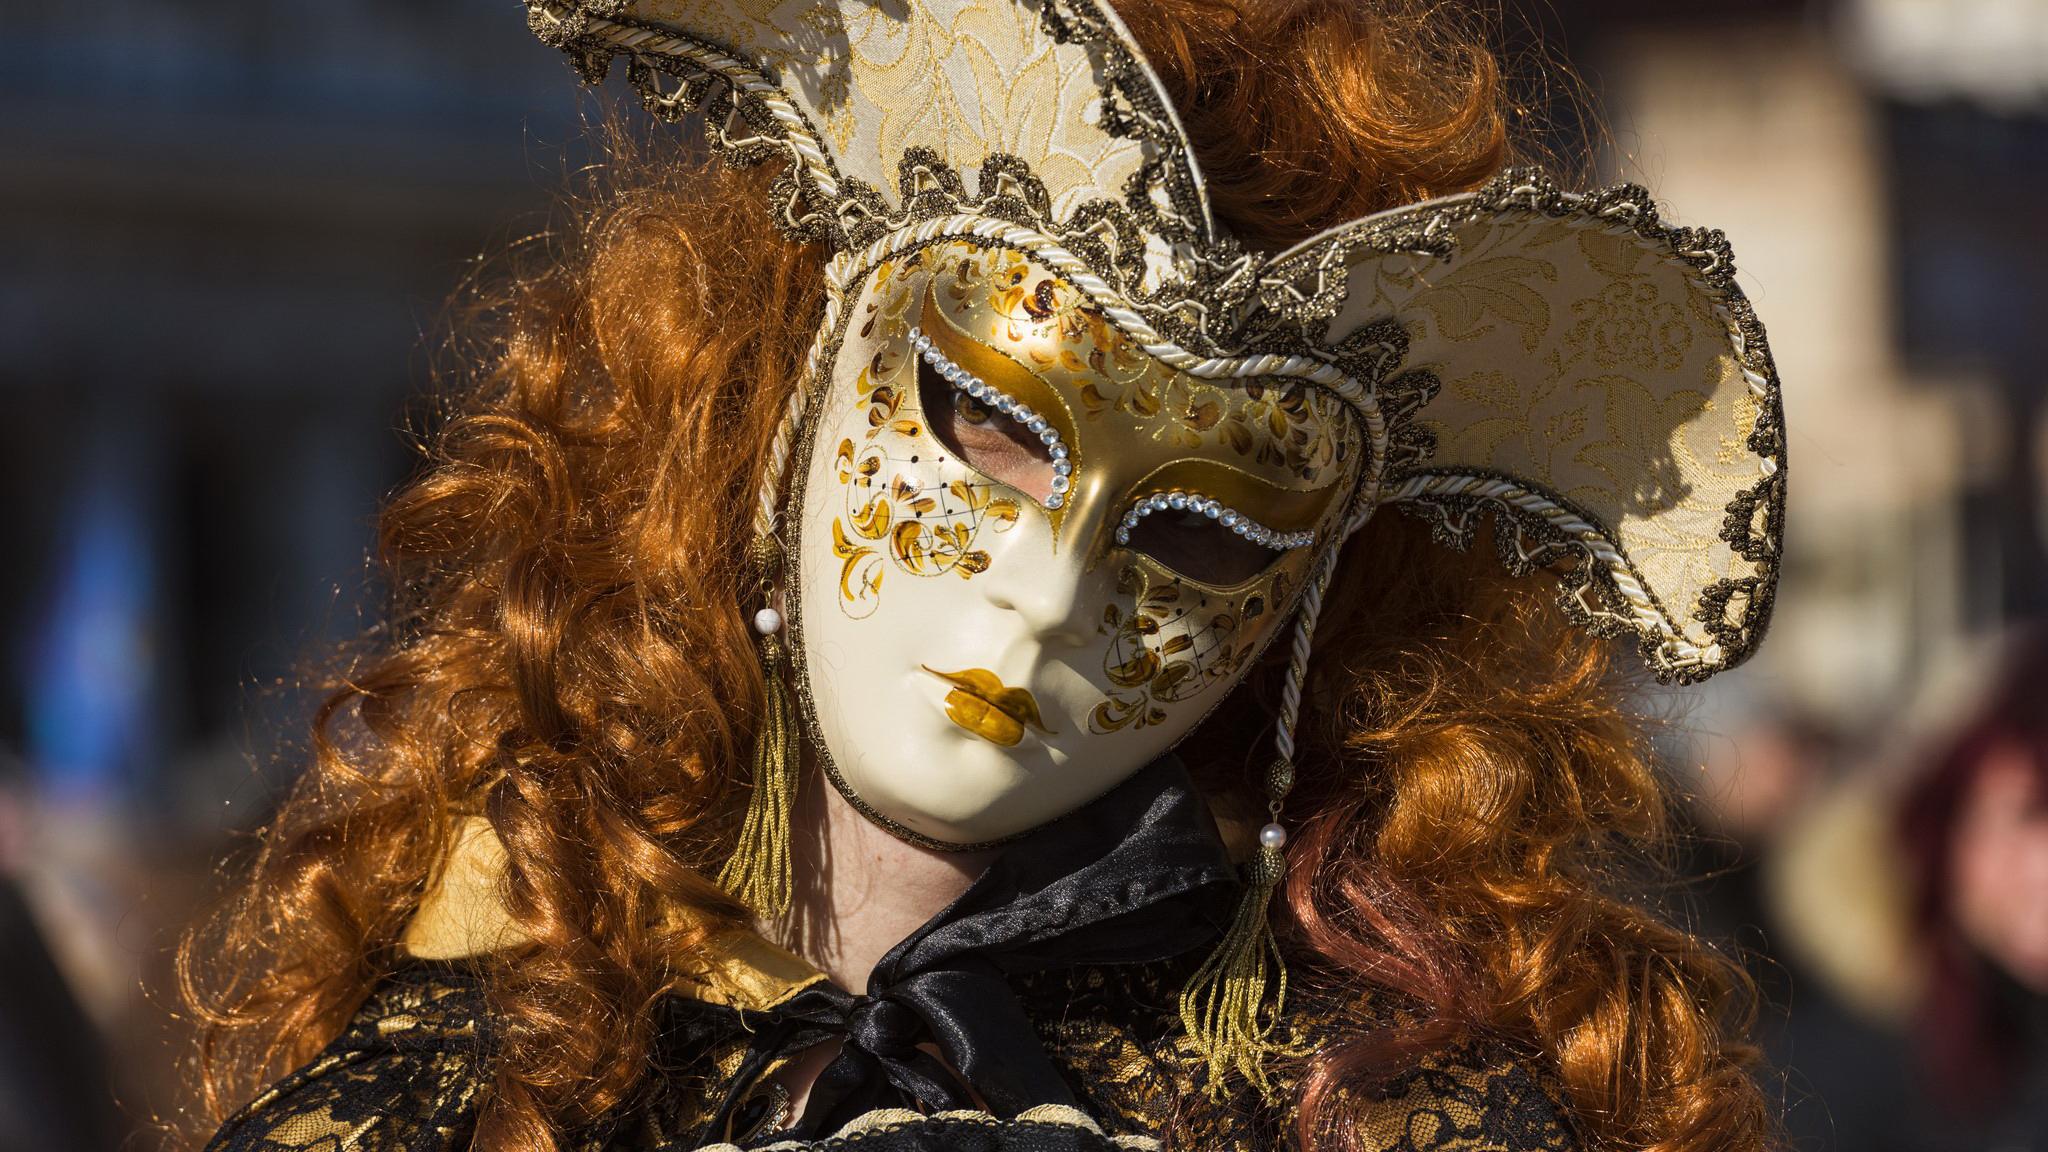 венецианский карнавал красивые картинки полной мере раскрыть